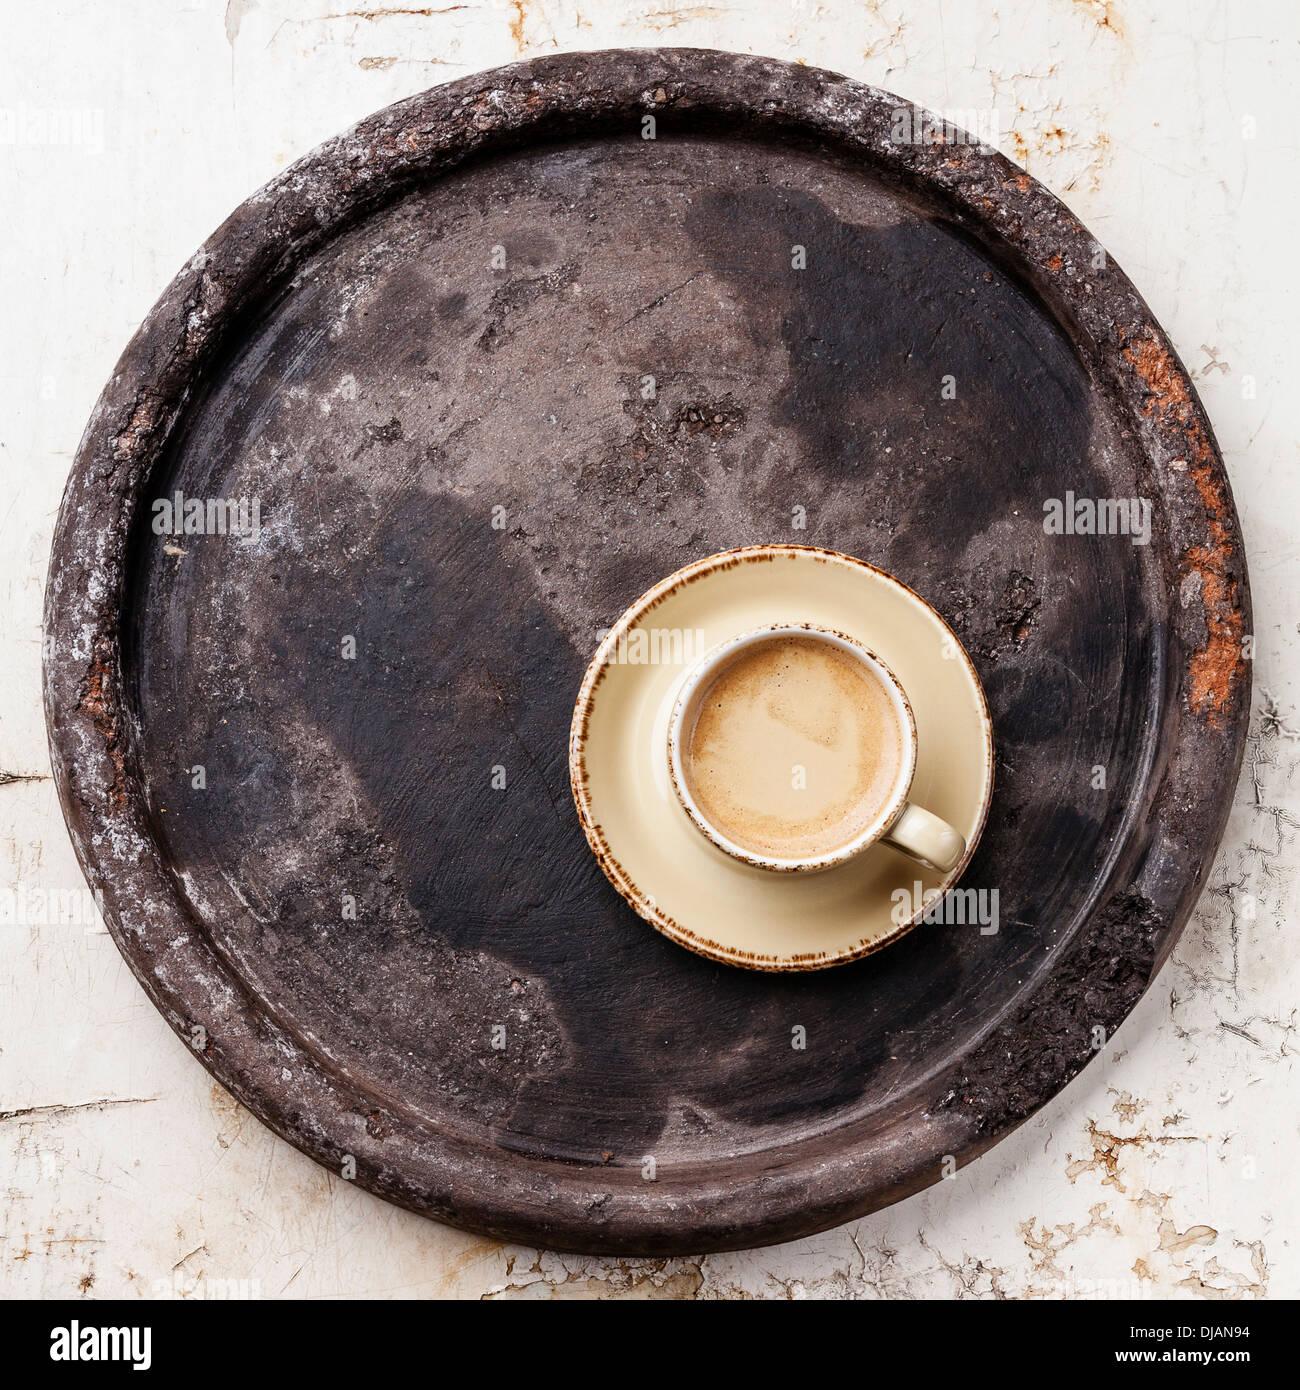 La taza de café sobre la bandeja de piedra oscura Imagen De Stock